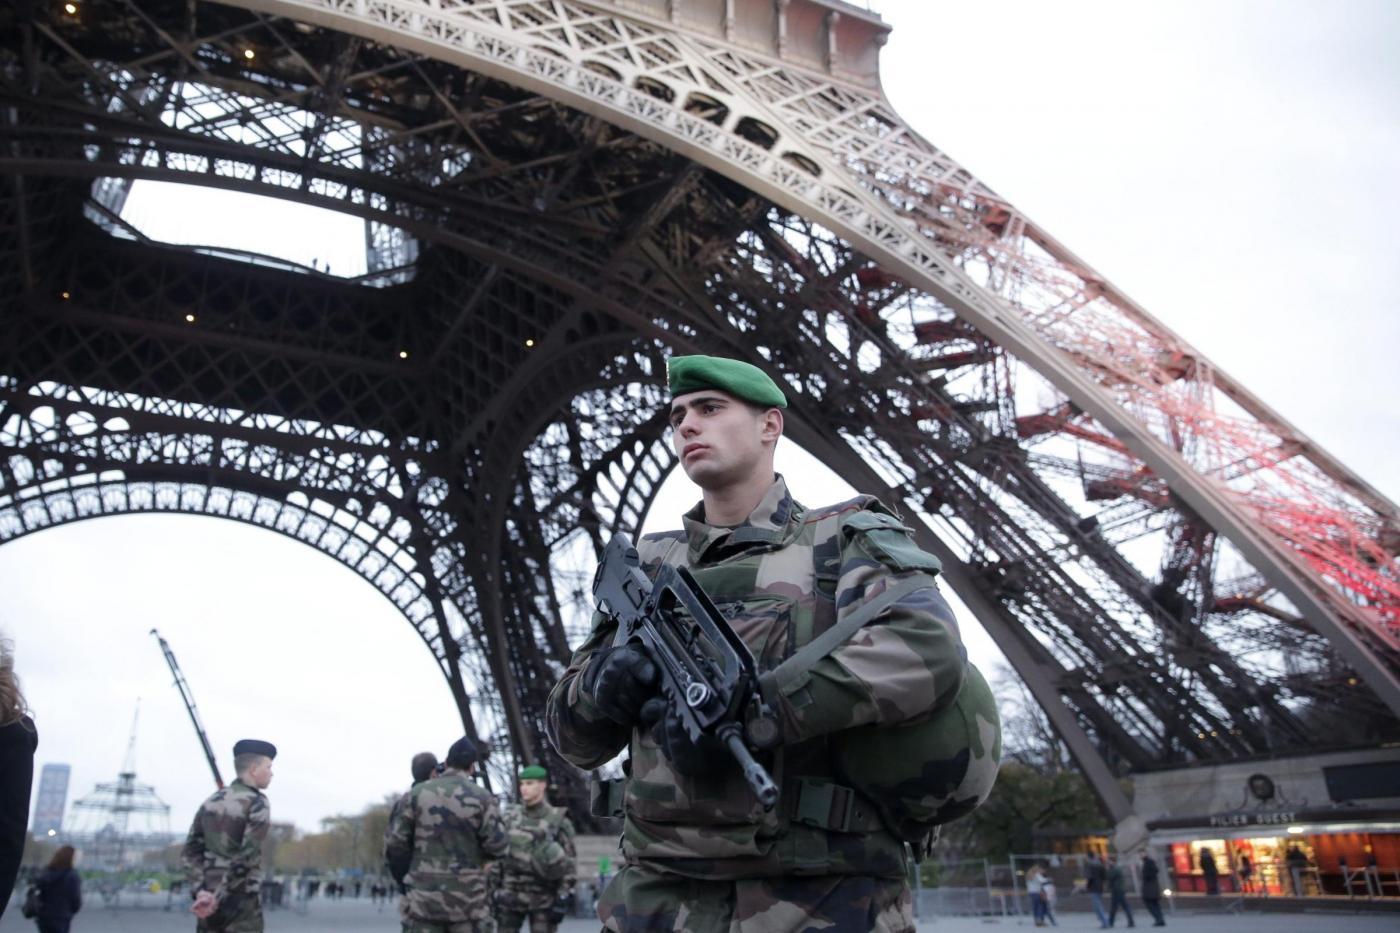 Francia, arrestato autista di taxi: aveva esplosivi e bandiera dell'Isis in casa